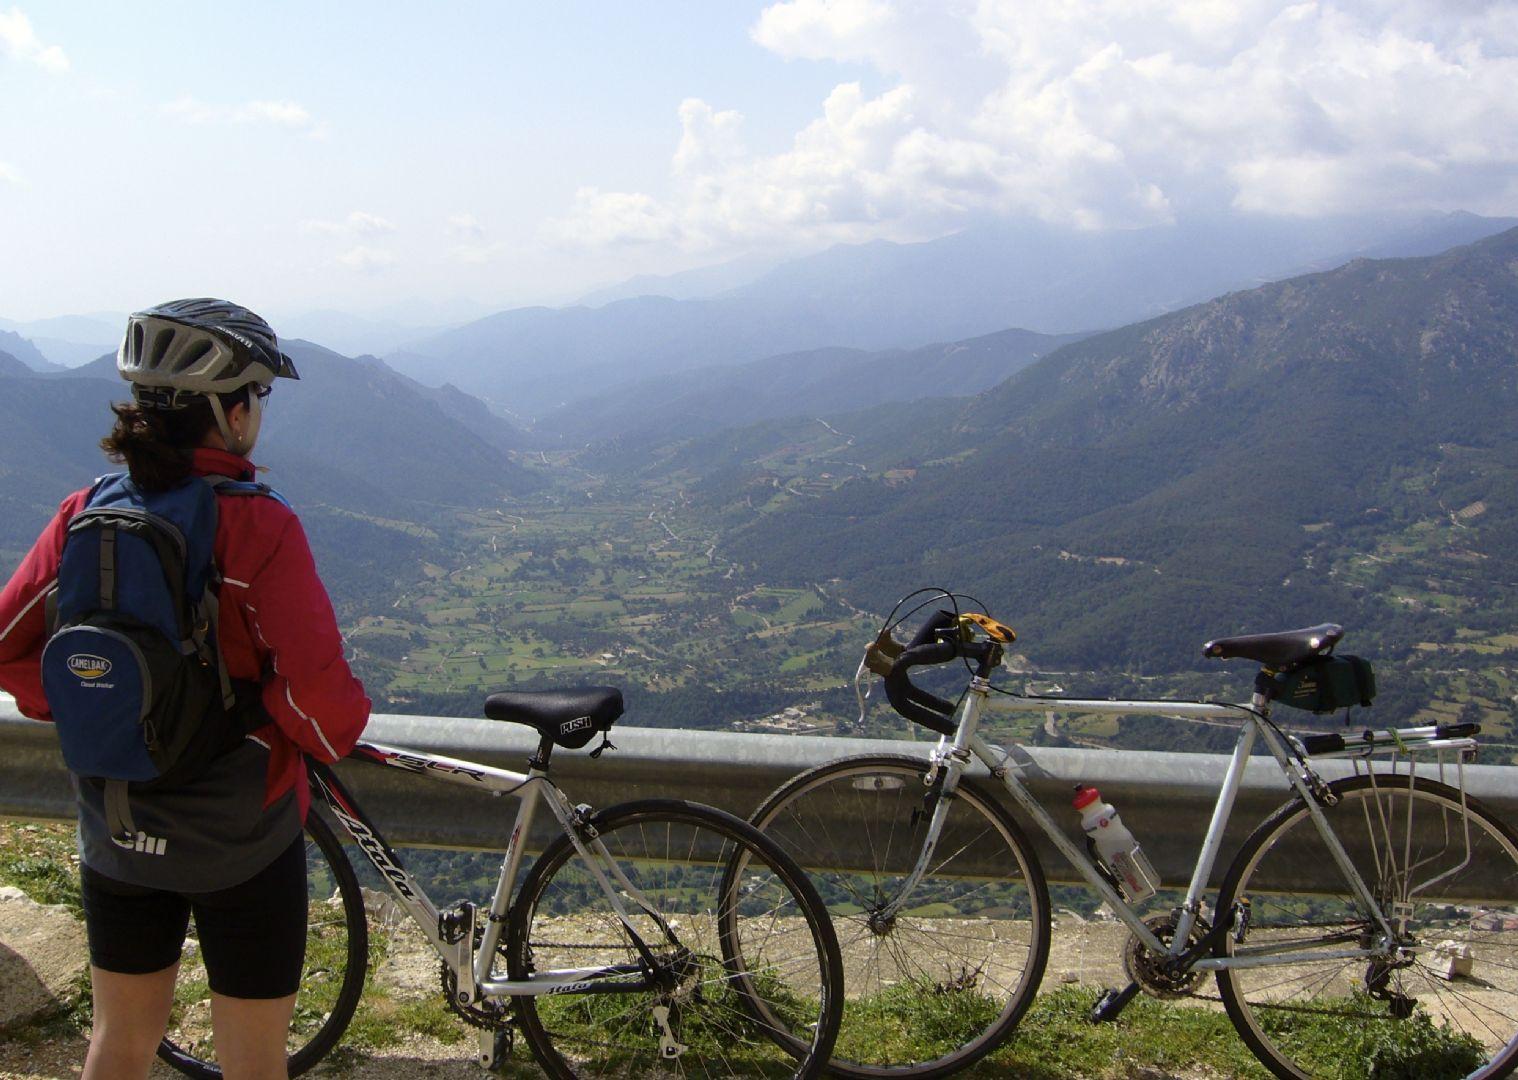 P1010197.jpg - Italy - Sardinia - Coast to Coast - Self-Guided Road Cycling Holiday - Italia Road Cycling